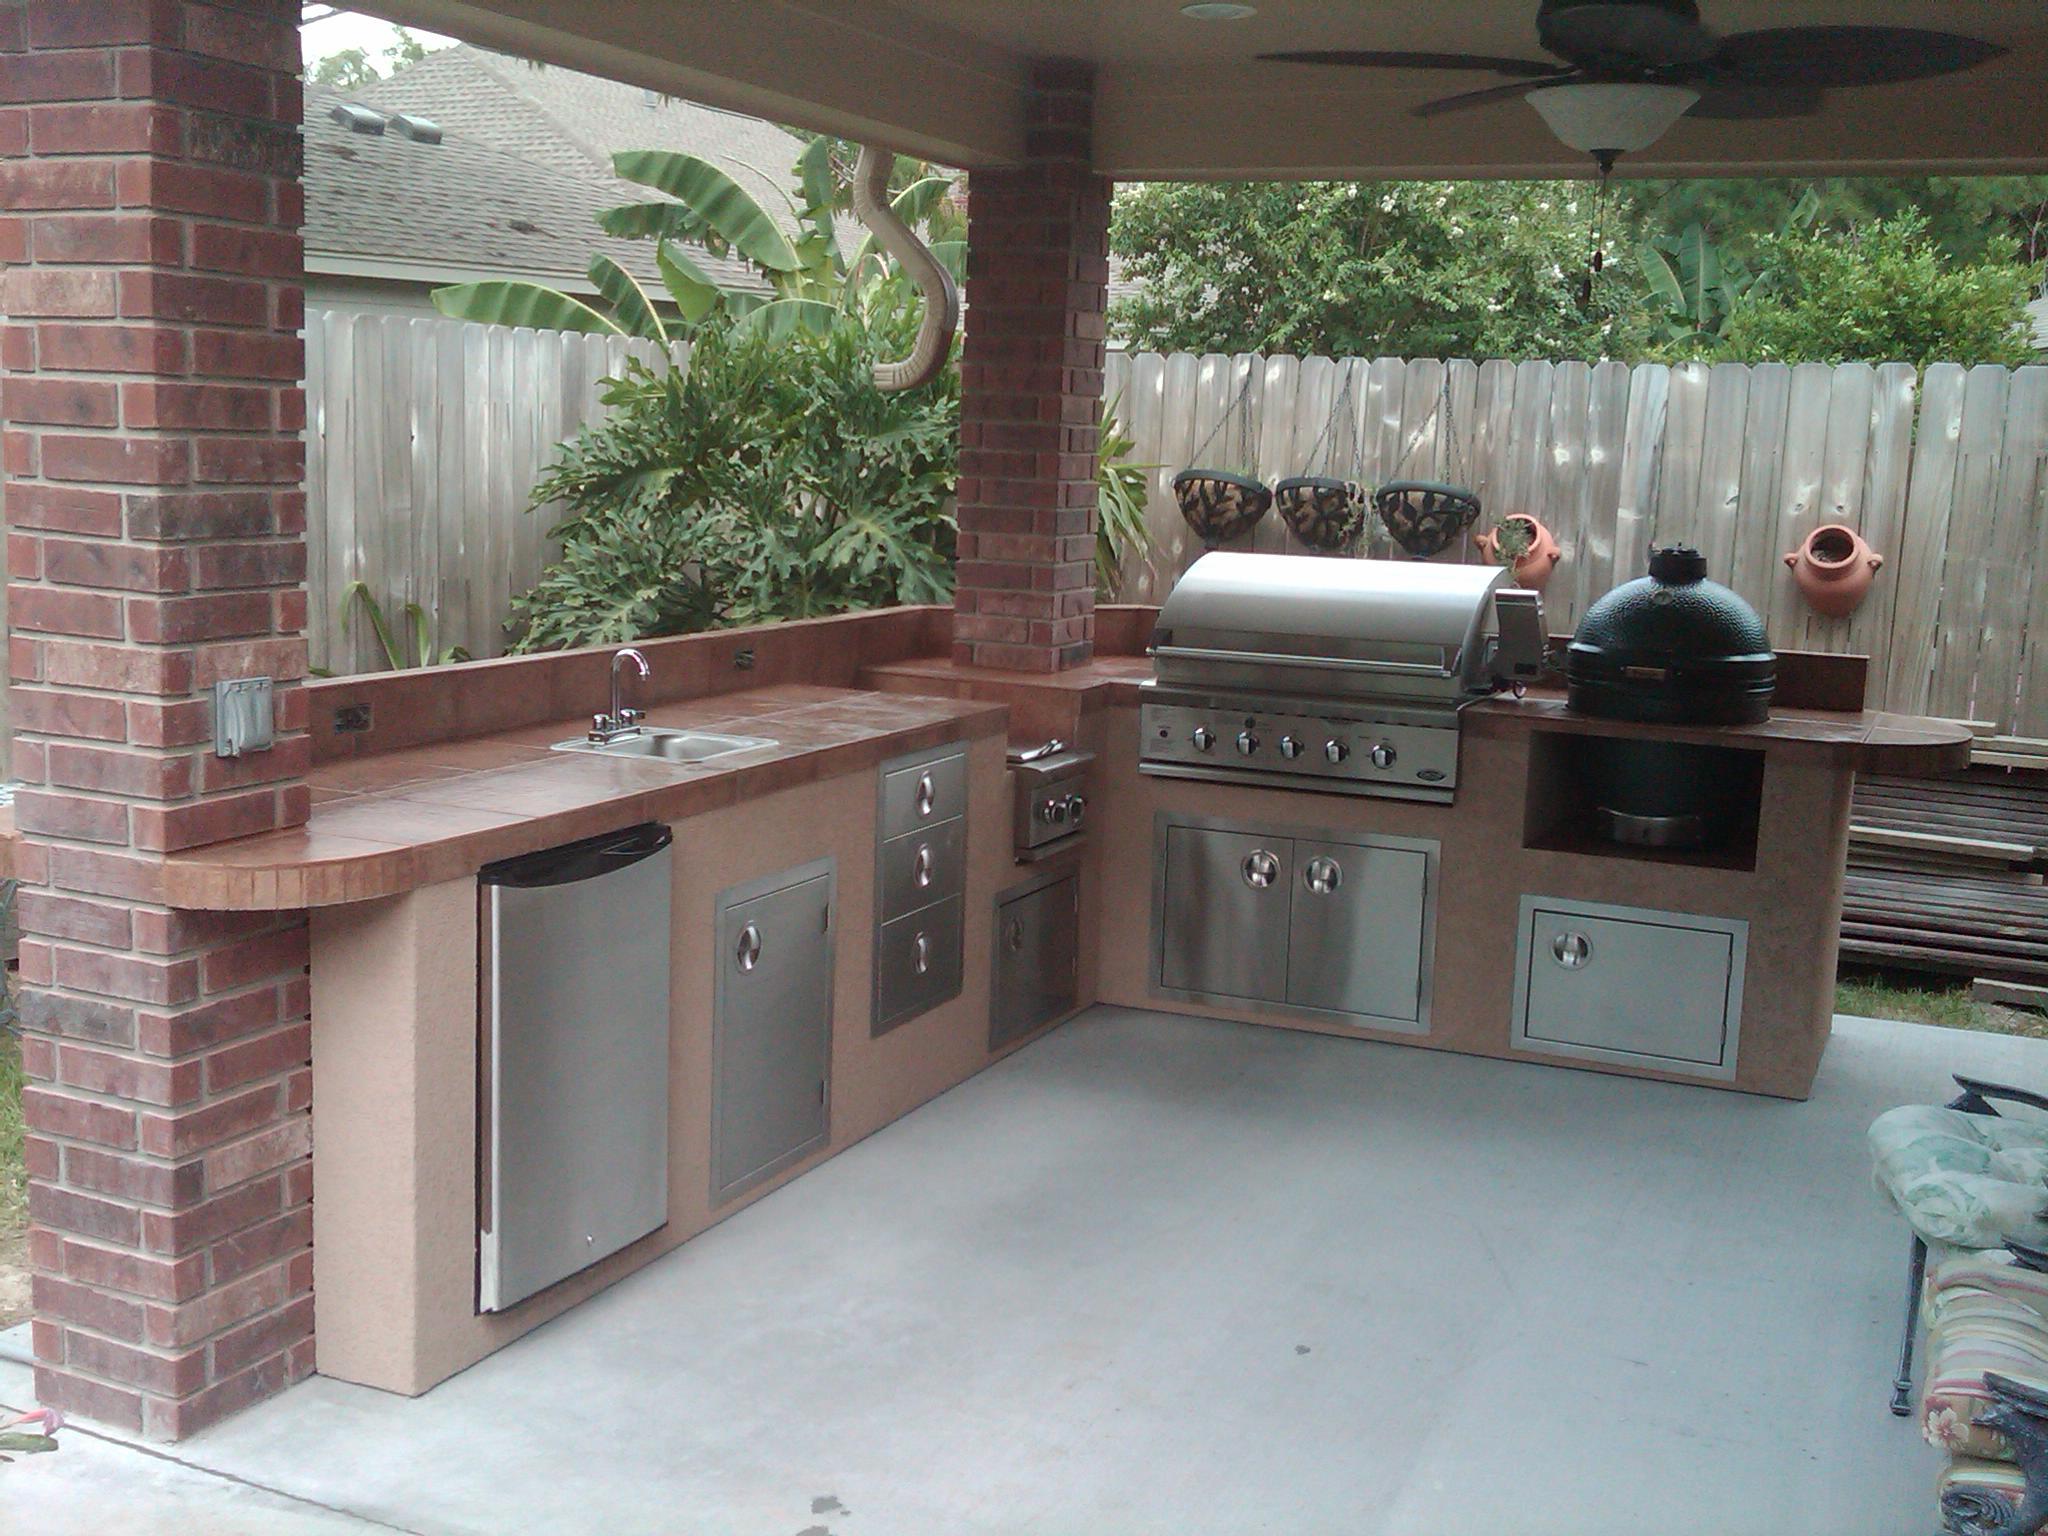 outdoor kitchen equipment photo - 5